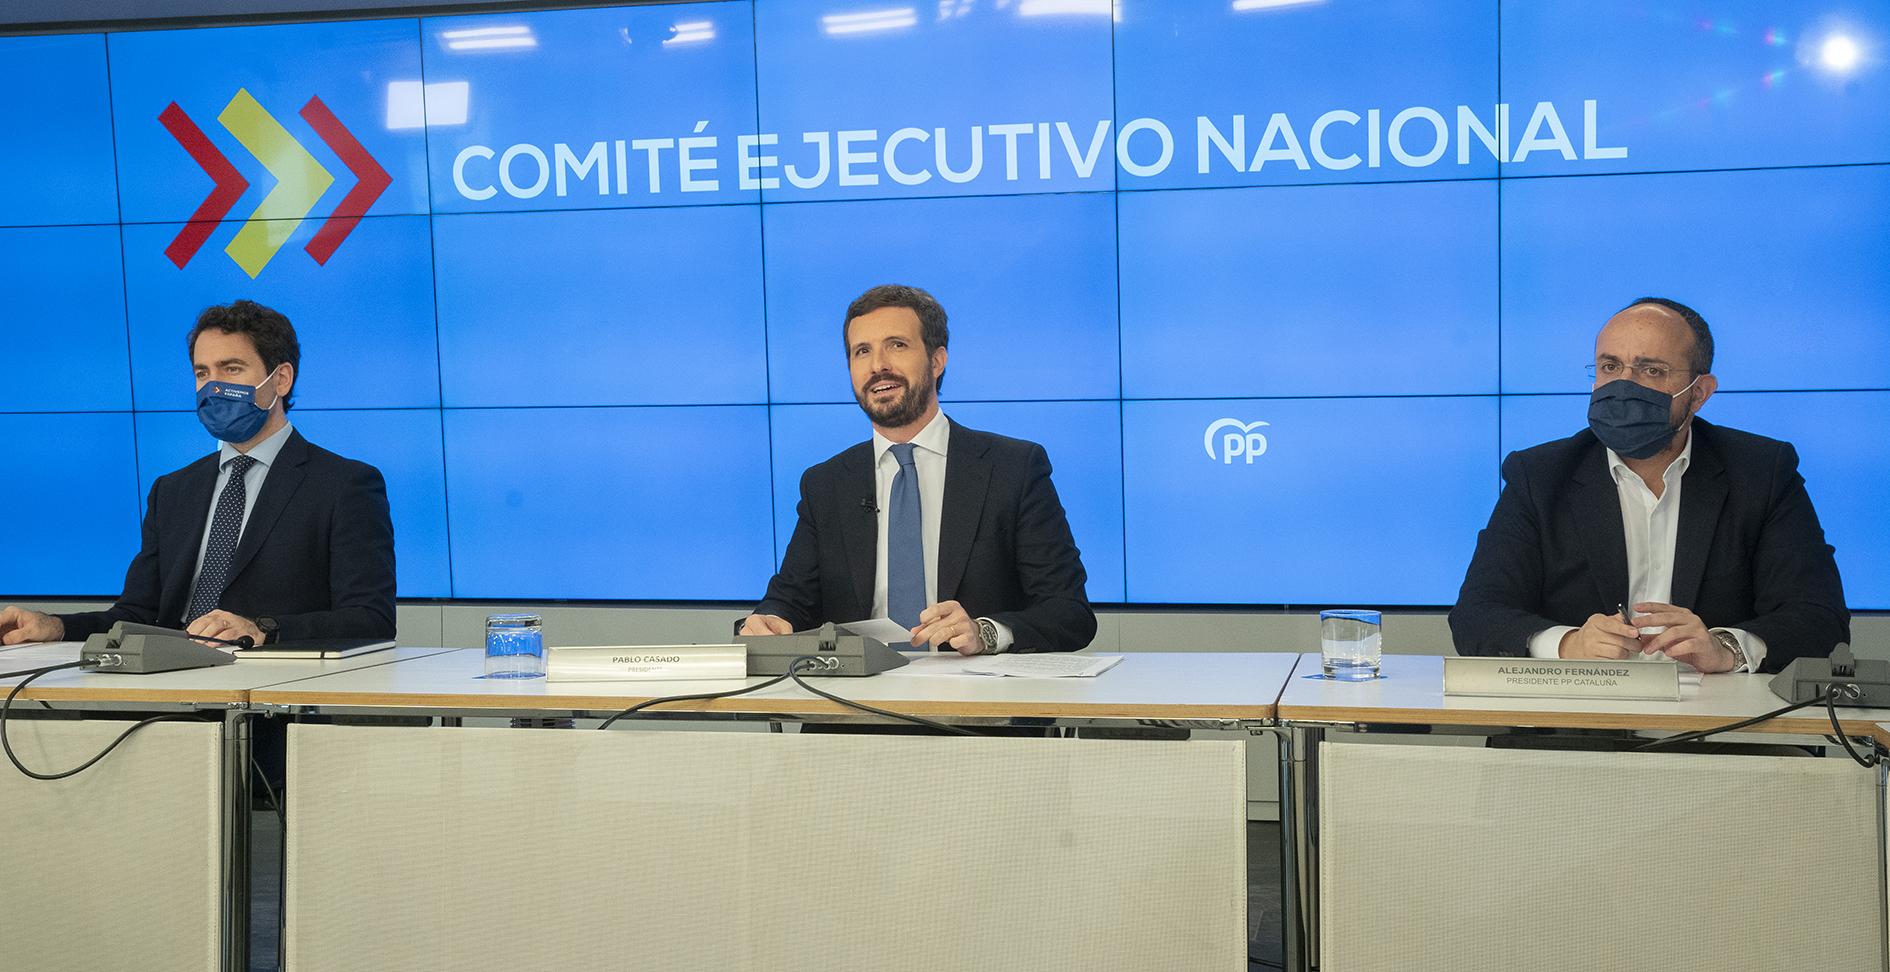 Pablo Casado intenta salvar la viabilidad electoral de su partido moviéndose al centro / Foto: PP